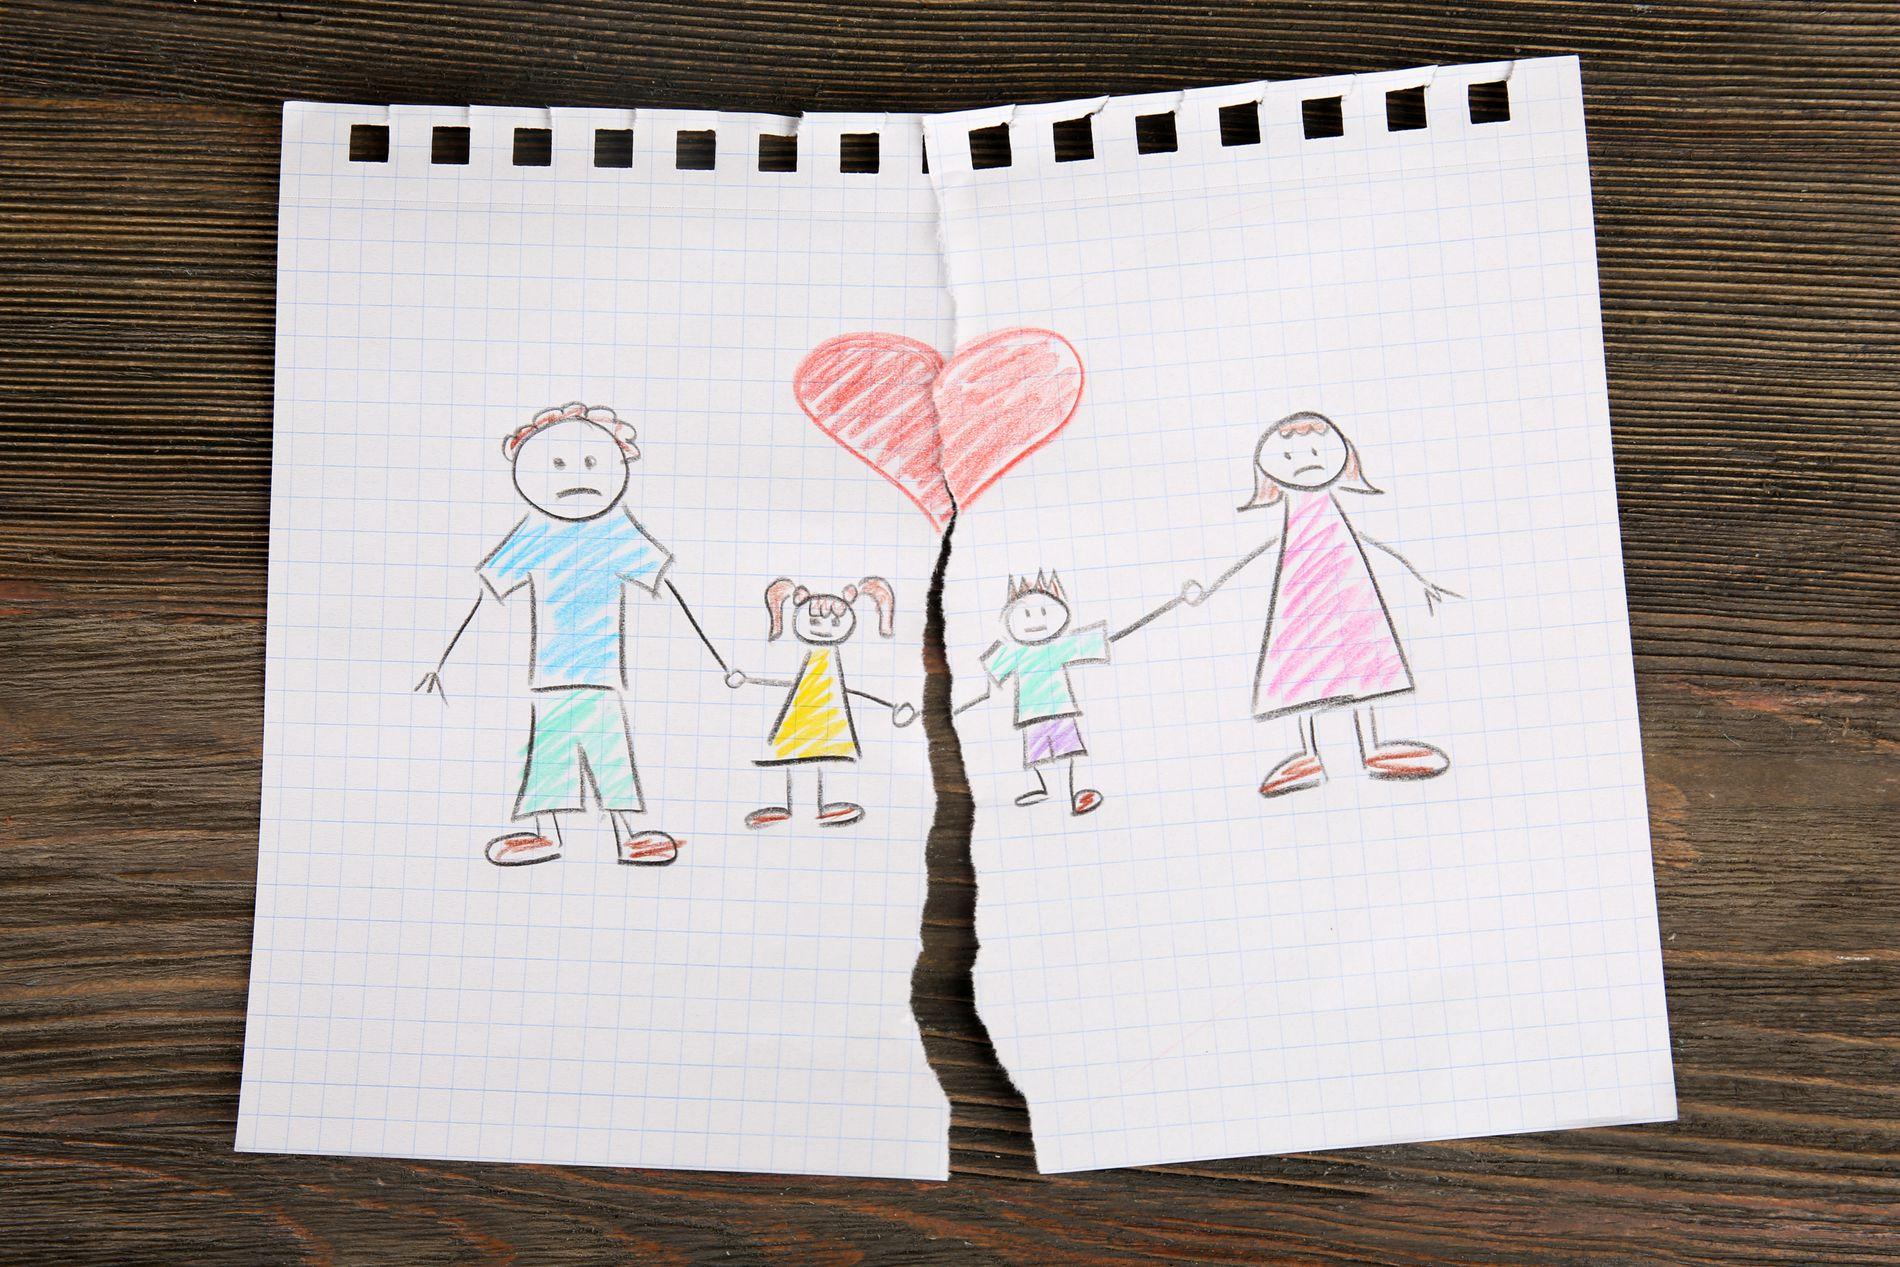 BARNEDOMSTOL: Tiden er overmoden for en mer helhetlig behandling og færre slitsomme prosesser for barna som er berørt, skriver Geir Kjell Andersland.